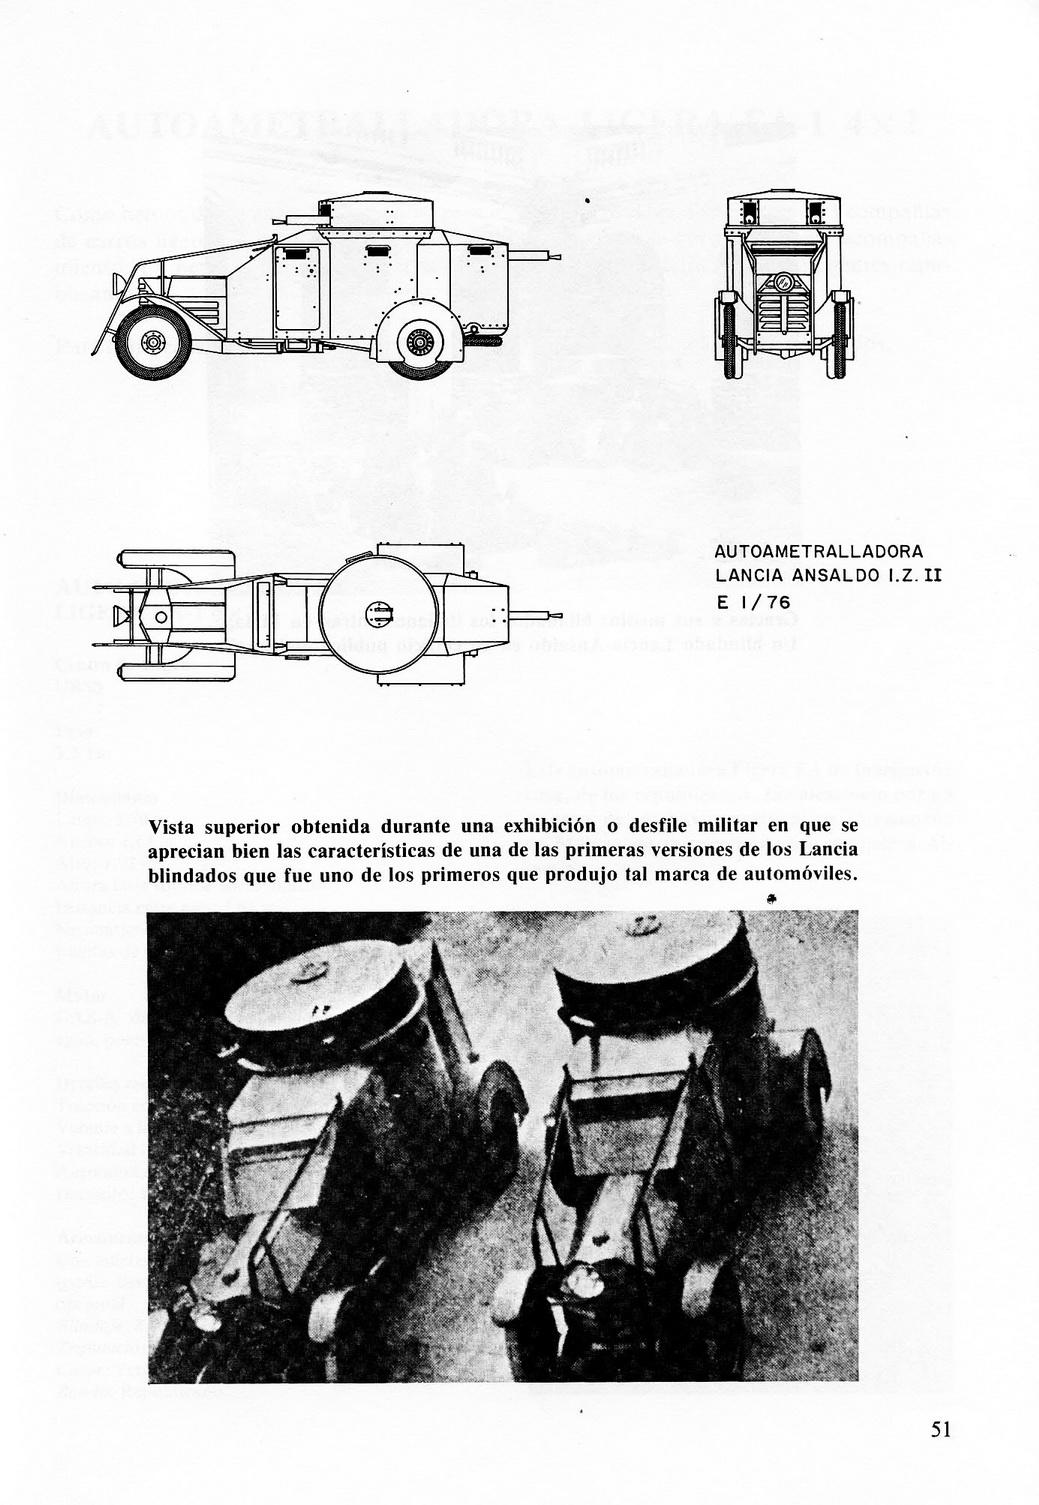 Carros De Combate Y Vehiculos Blindados De La Guerra 1936 1939 [F.C.Albert 1980]_Страница_049 .jpg